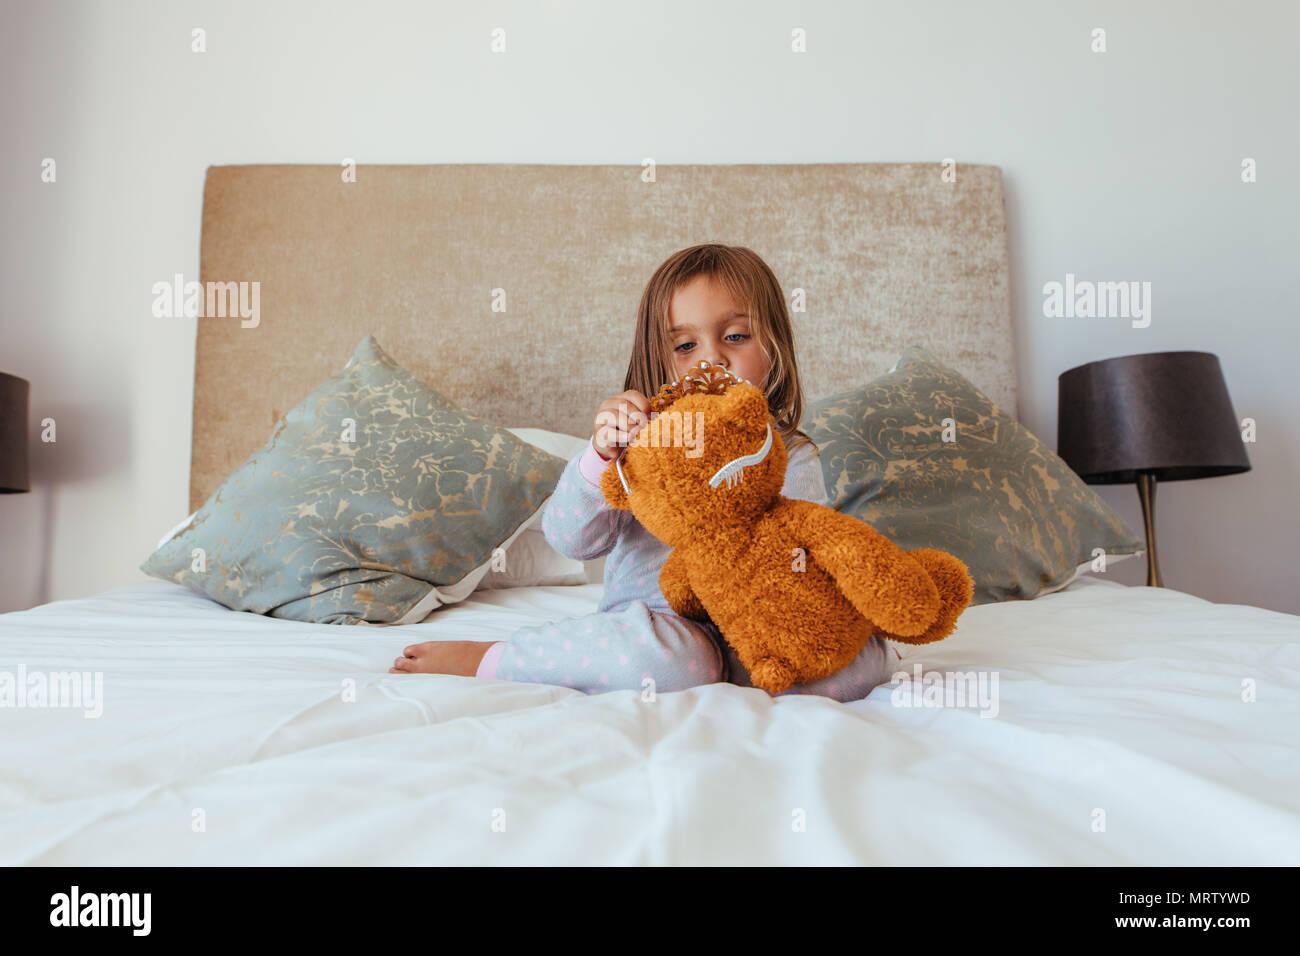 Piccolo Grazioso baby girl mettendo una corona sul suo orsacchiotto di peluche. Ragazza innocente bambino che gioca con il suo giocattolo morbido. Immagini Stock